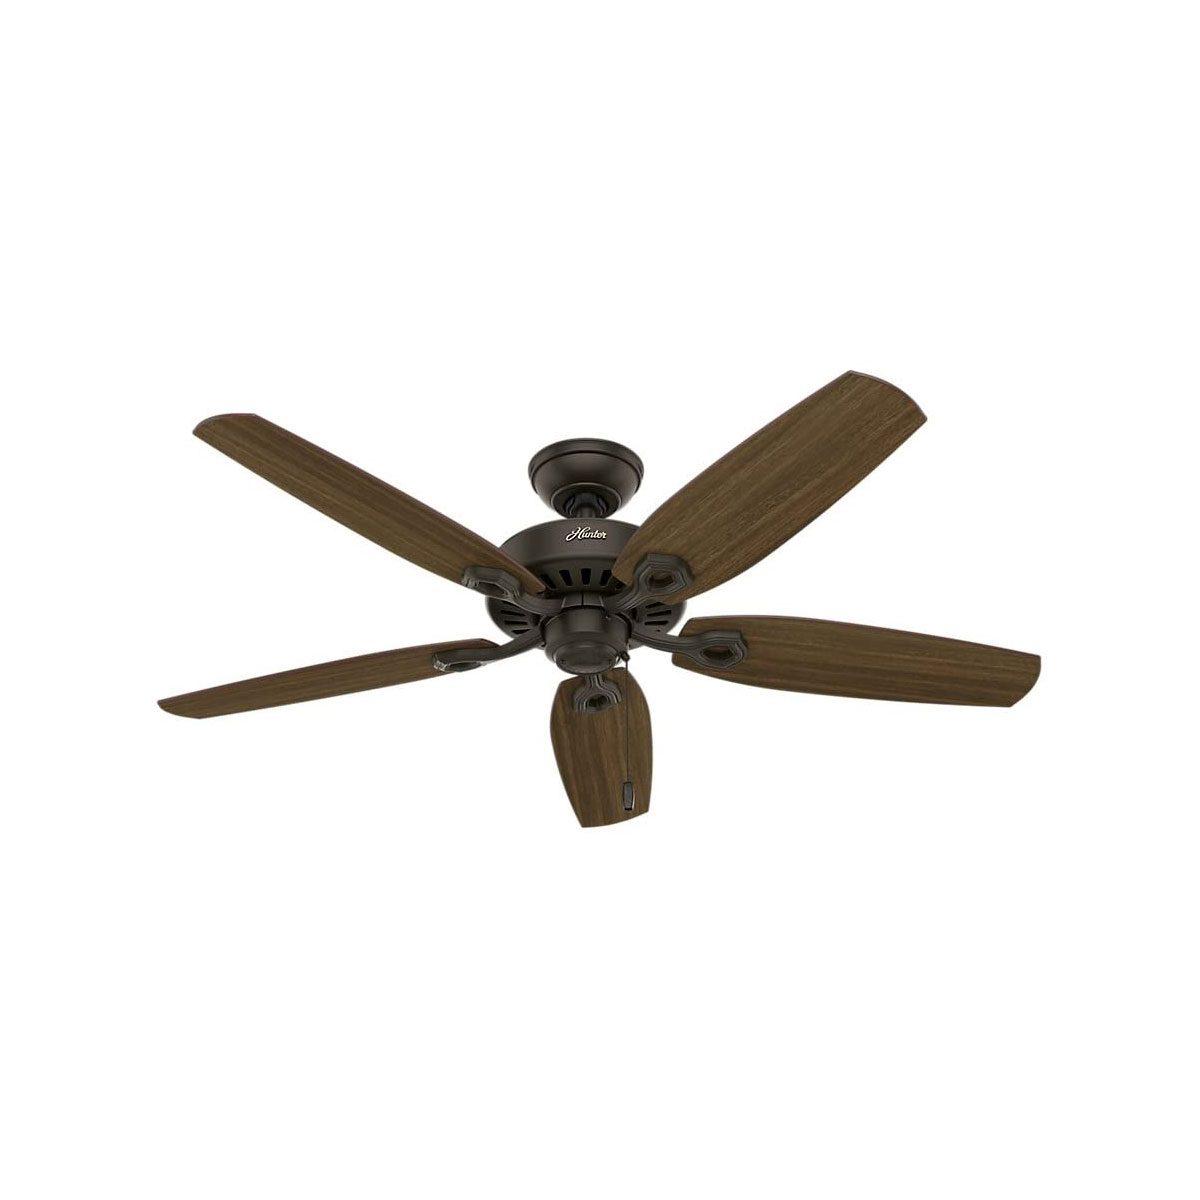 Standard ceiling fan